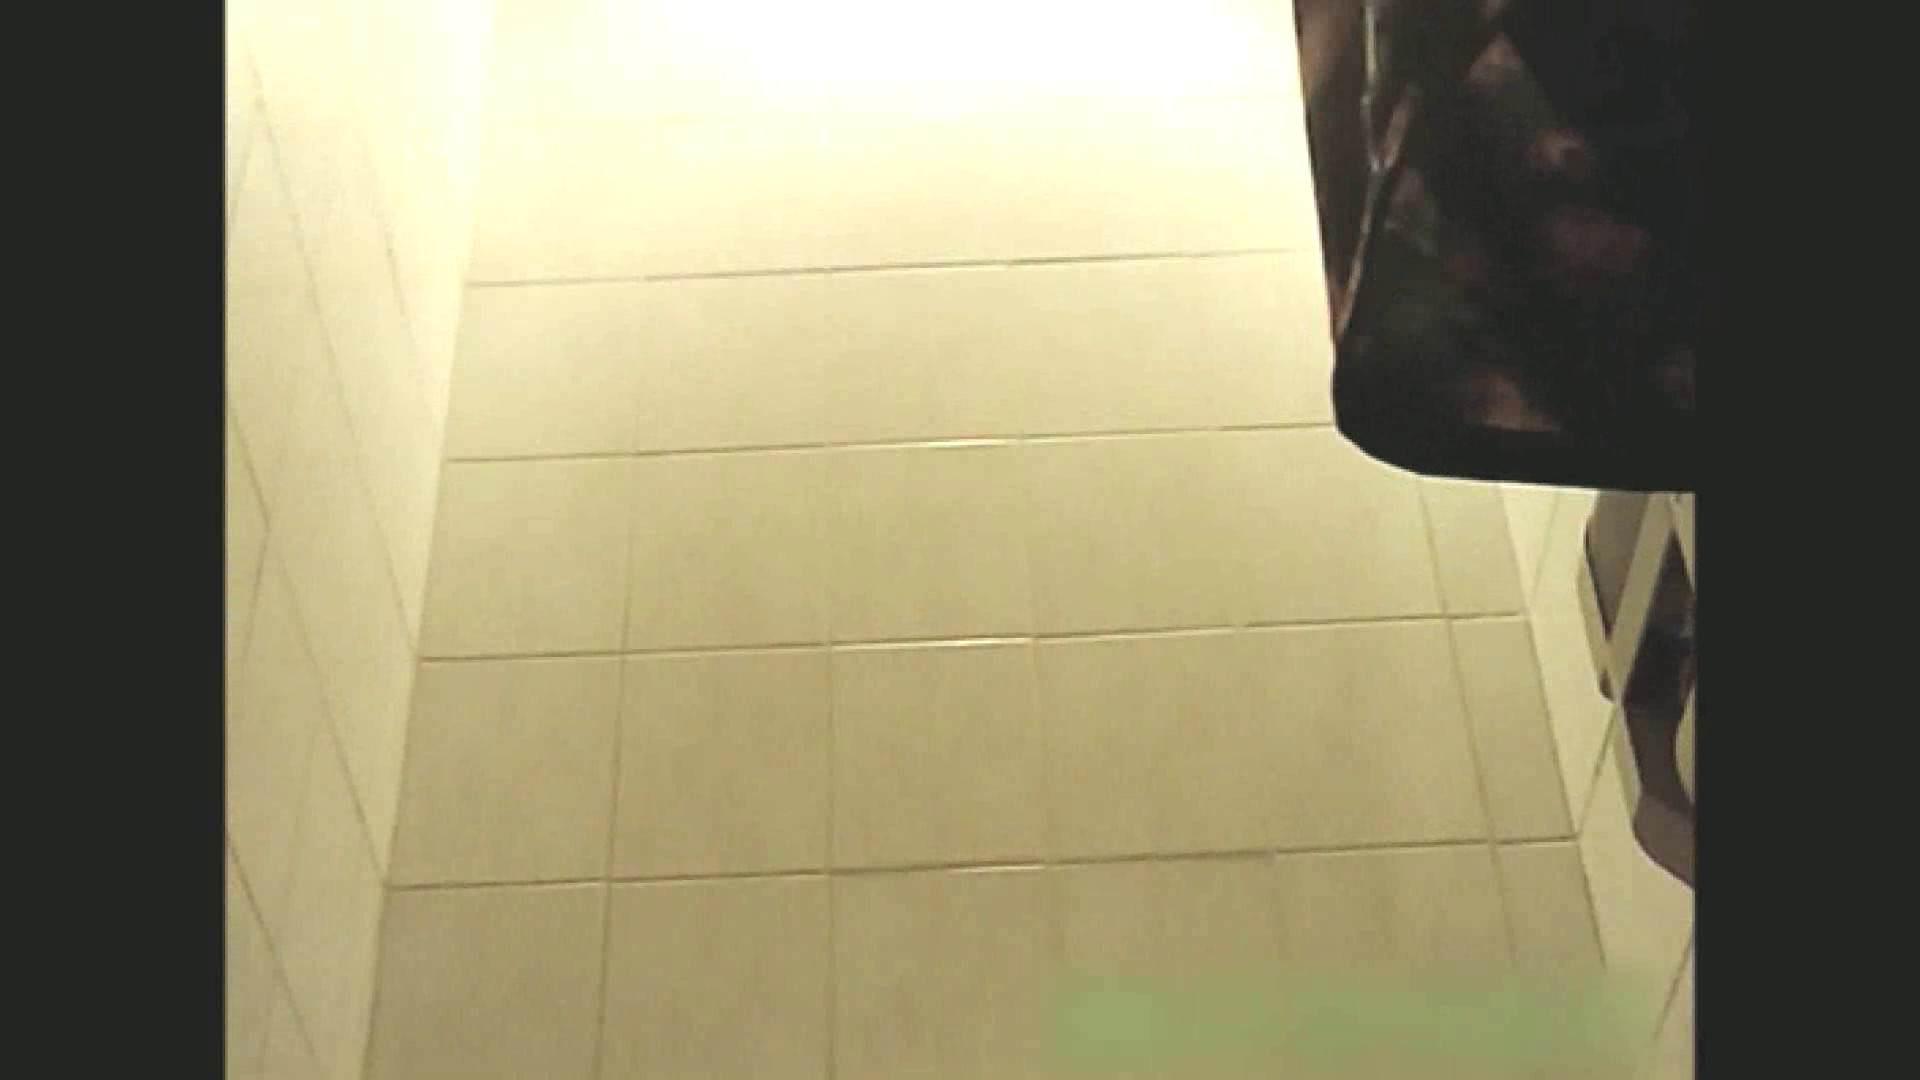 実録!!綺麗なお姉さんのトイレ事情・・・。vol.13 お尻 隠し撮りオマンコ動画紹介 105pic 23